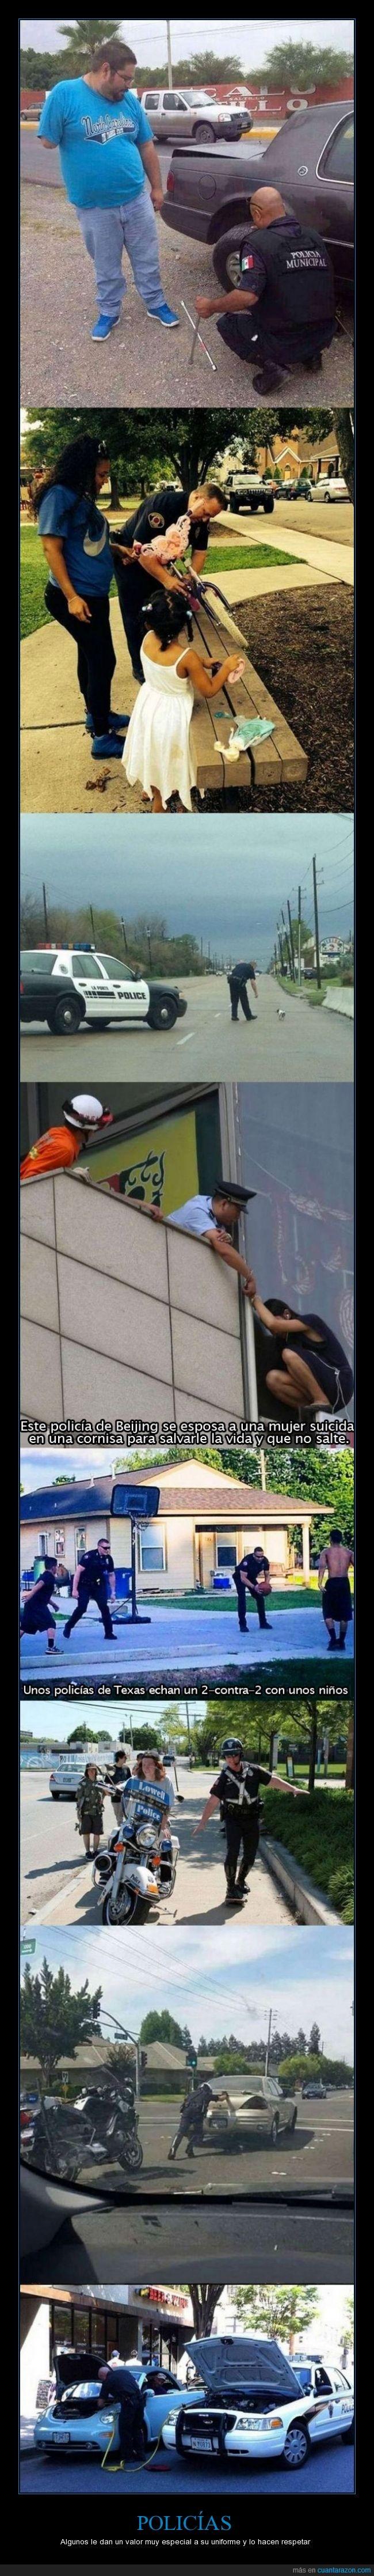 buenos policias,lastima que son pocos los policias buenos,respetar la institucion,valorar